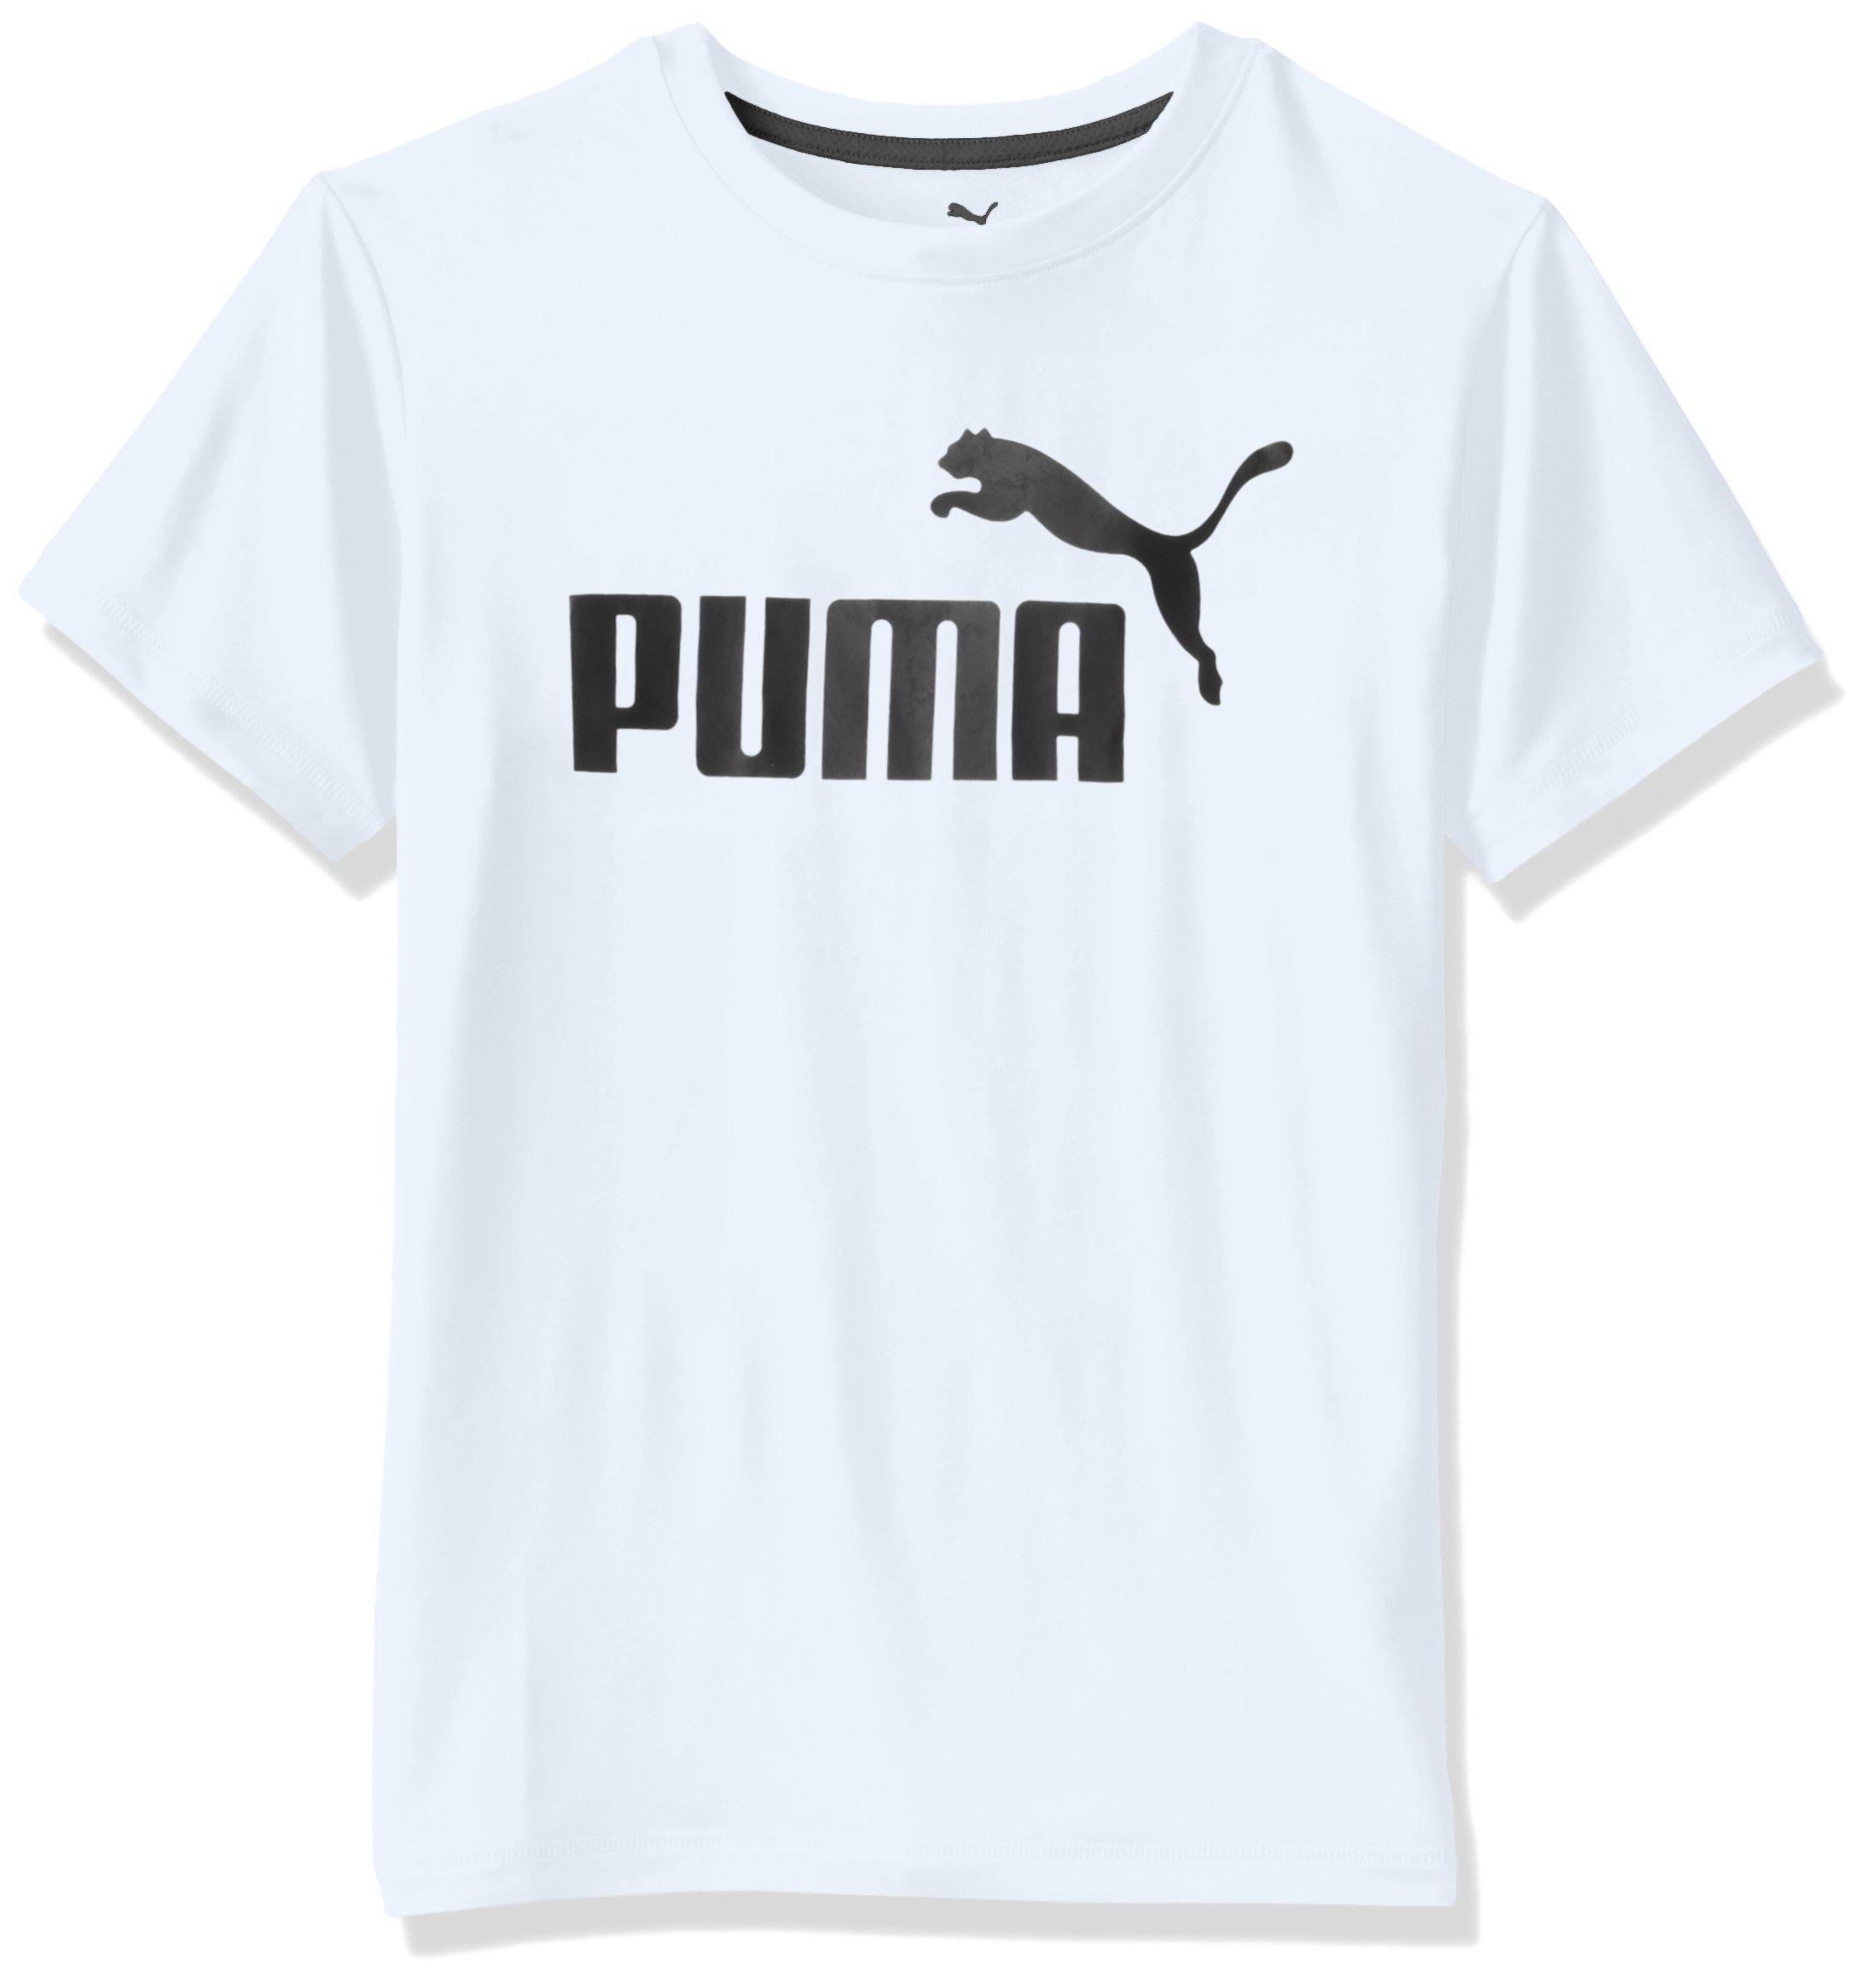 PUMA Big Boys' No.1 Logo Tee, PUMA White, 10-12 (Medium) by PUMA